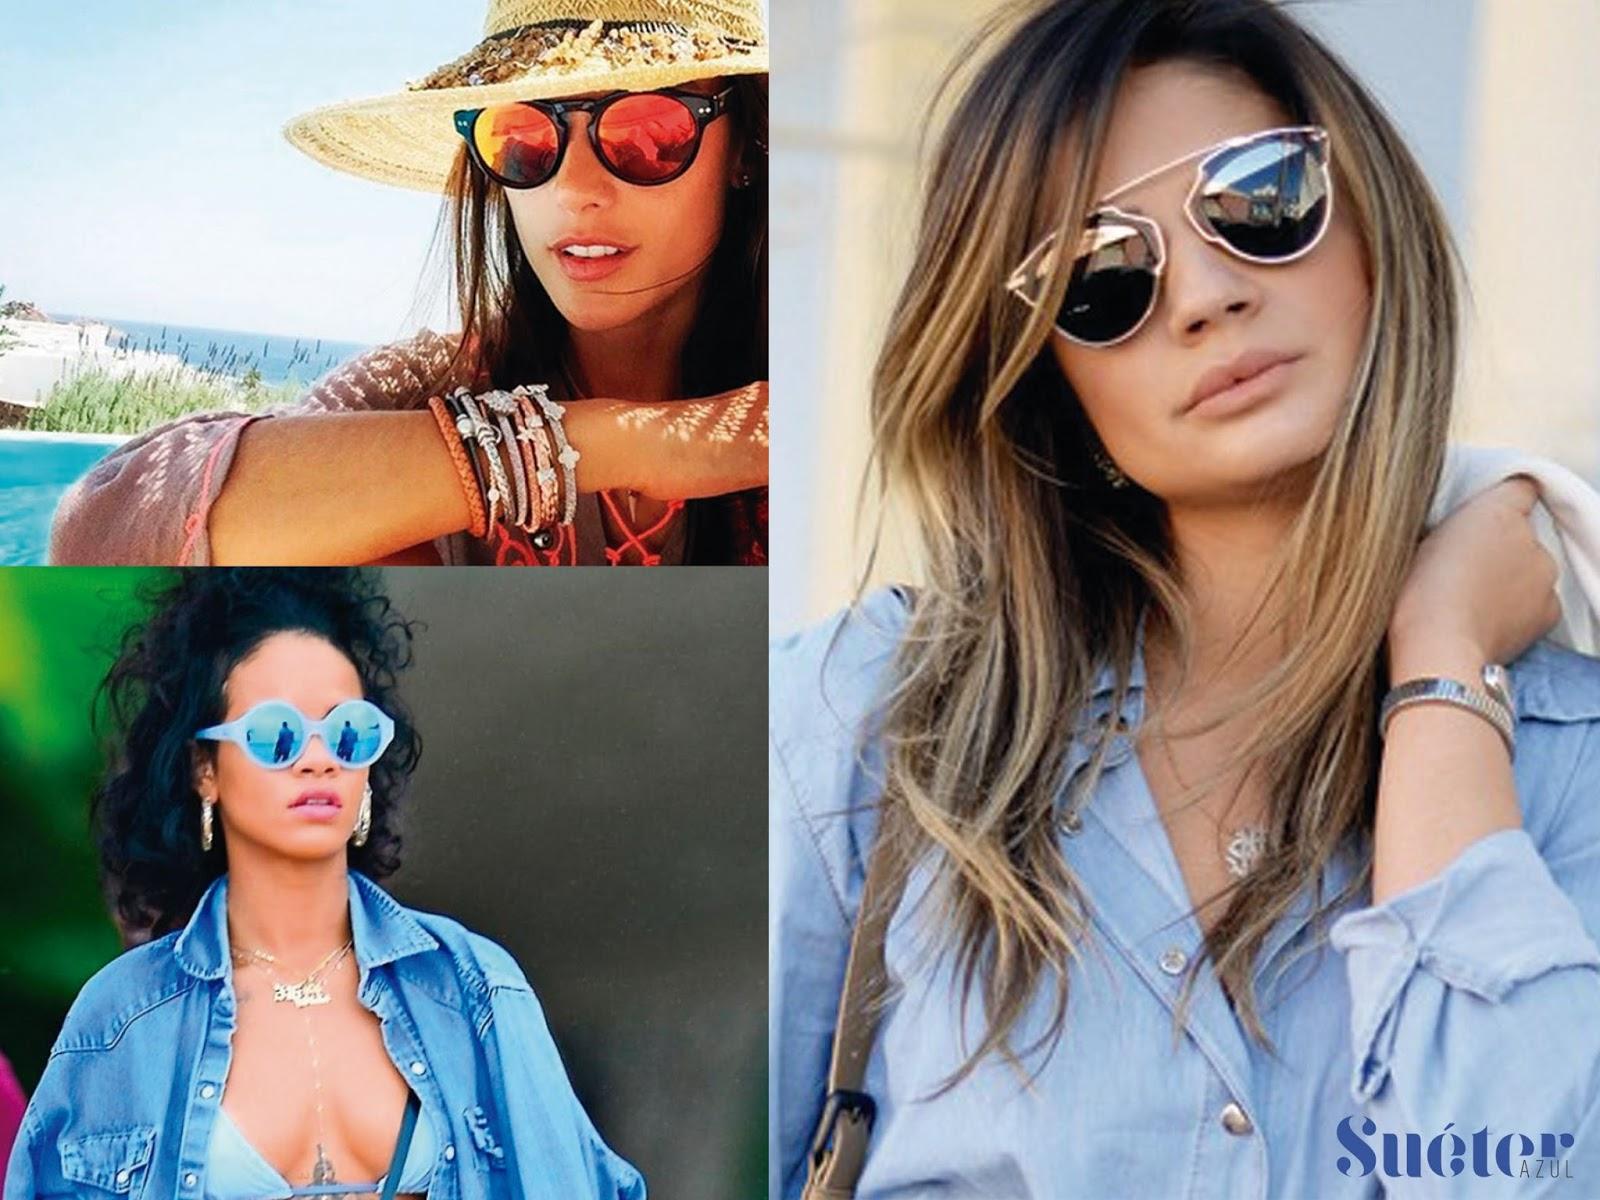 45068dbadaa92 Tendências óculos de sol verão 2016 - Suéter Azul